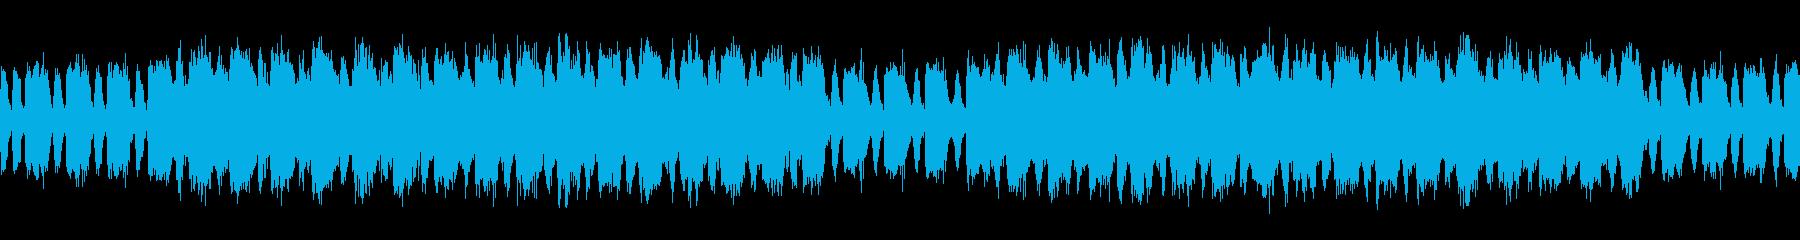 ブラス系の戦闘曲の再生済みの波形